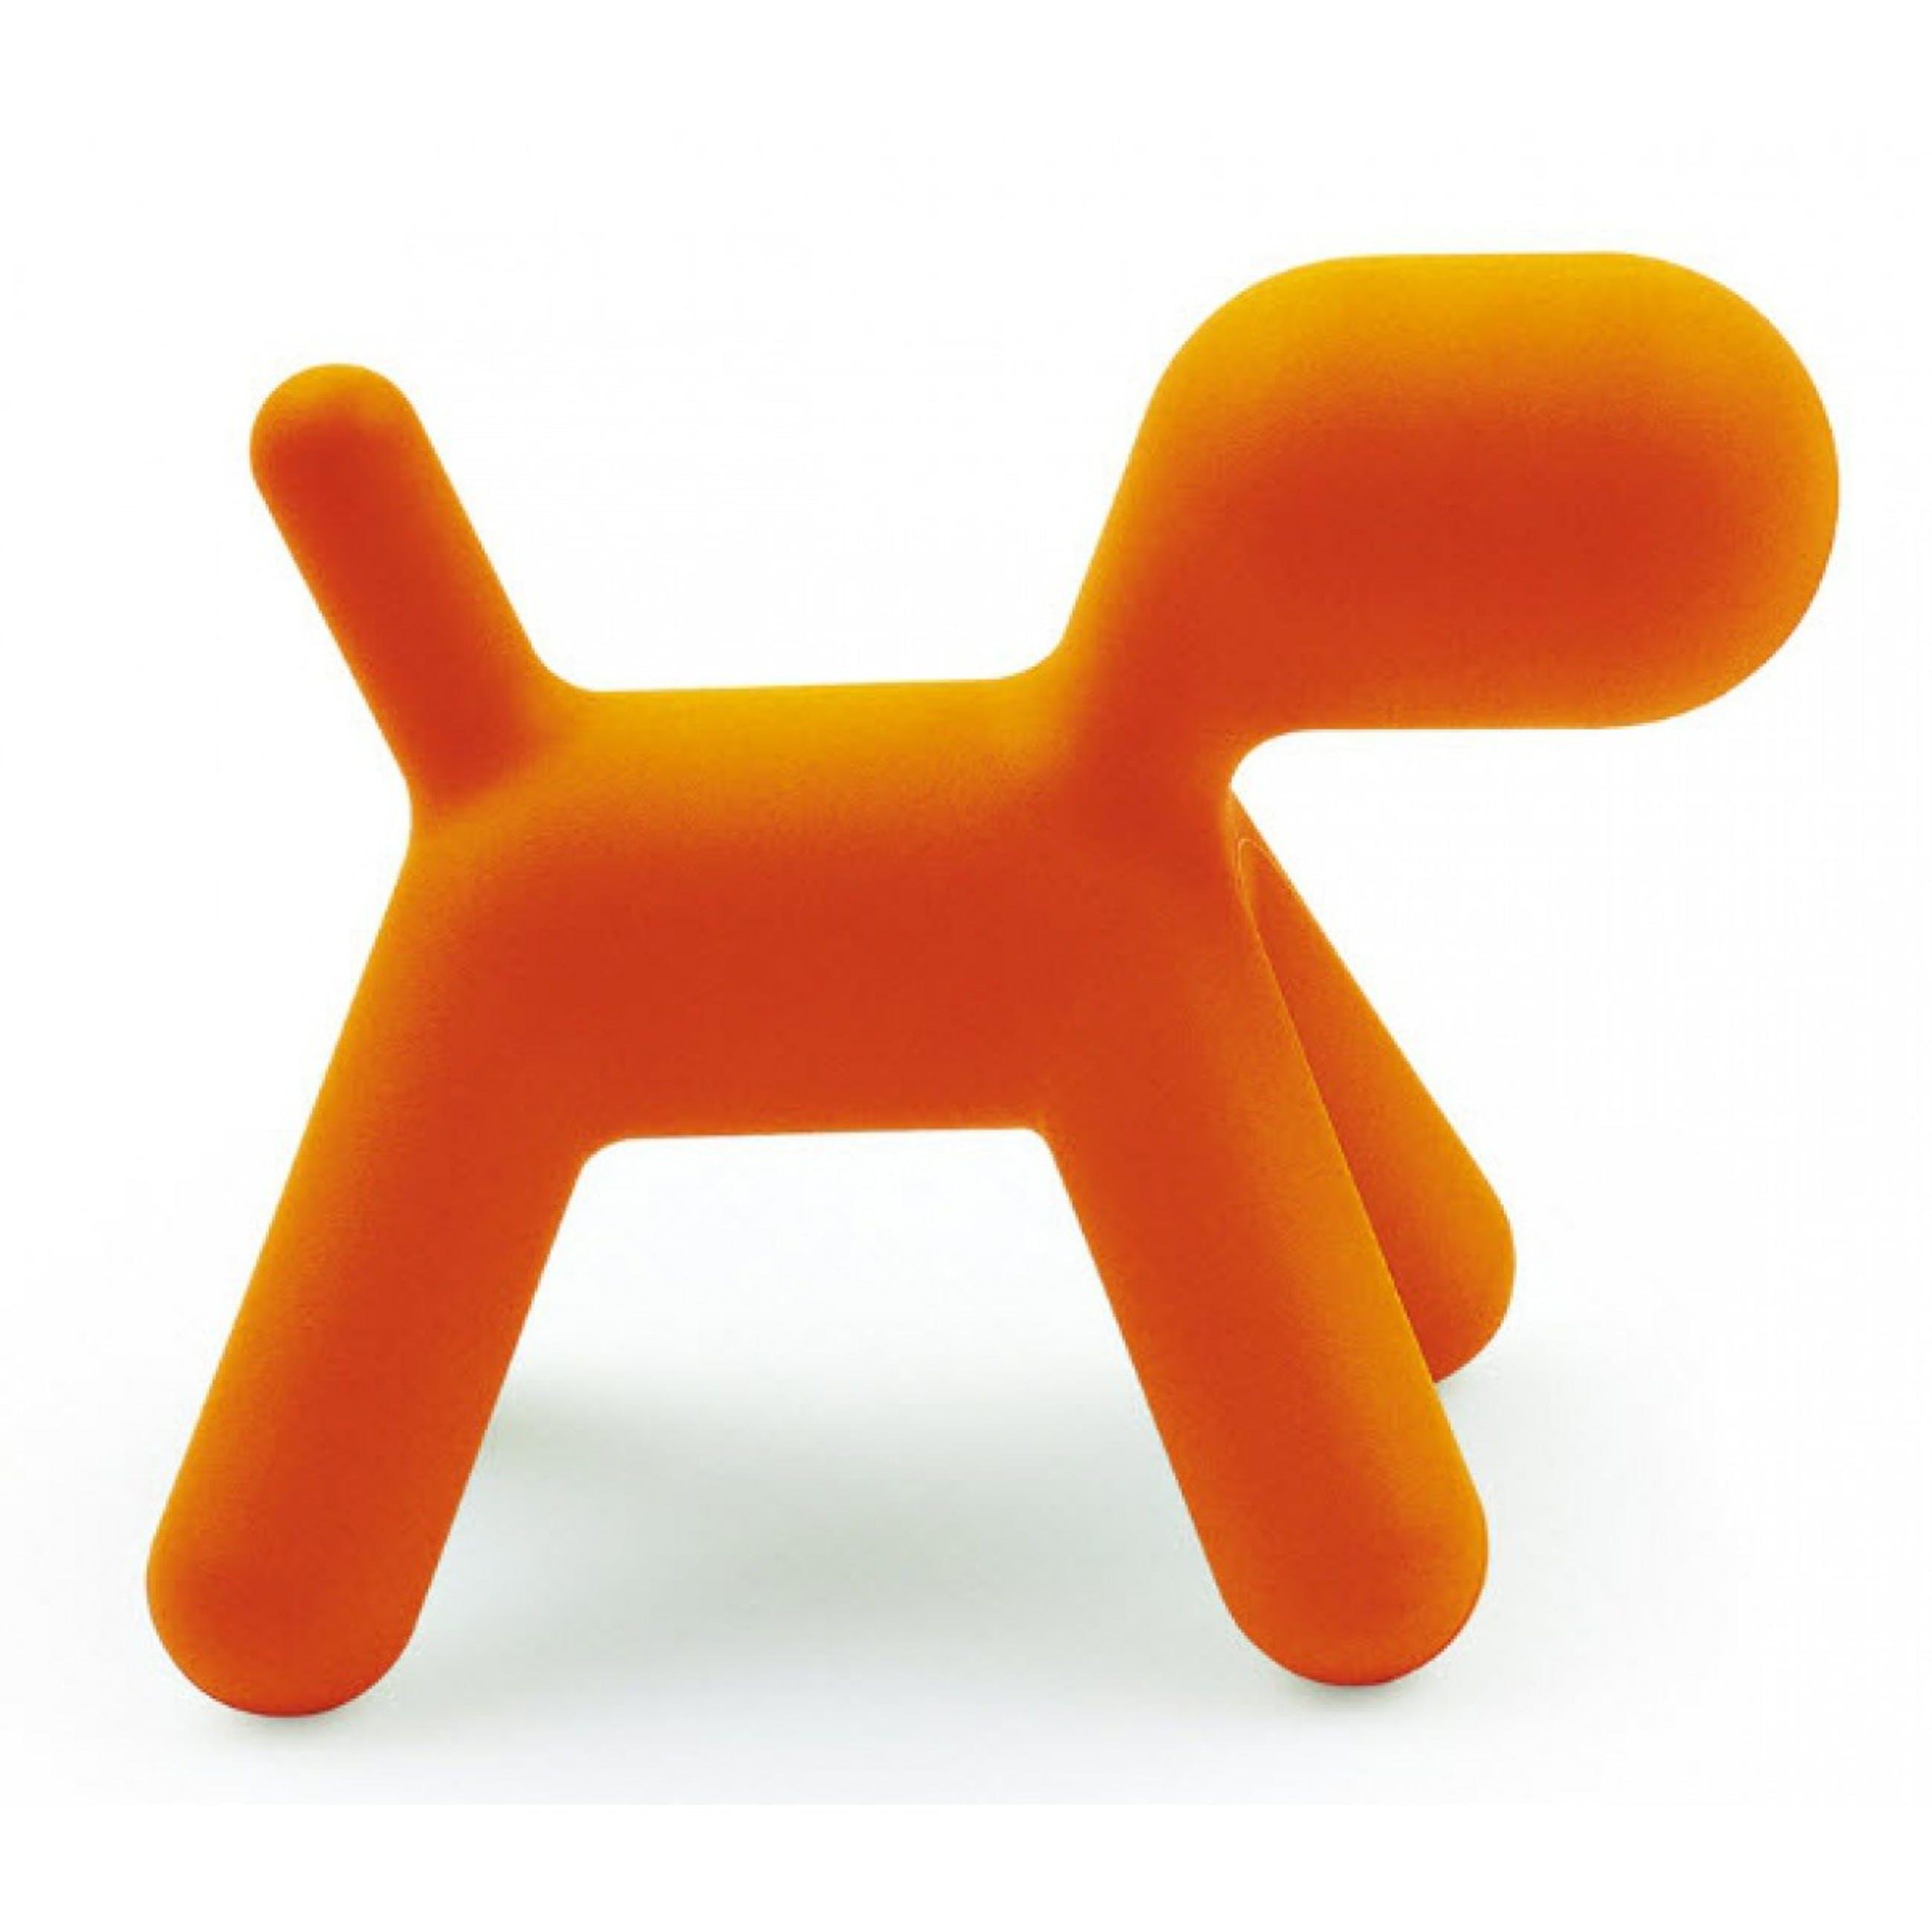 Eero Aarnio - Magis Puppy kopen? Bied vanaf 55!